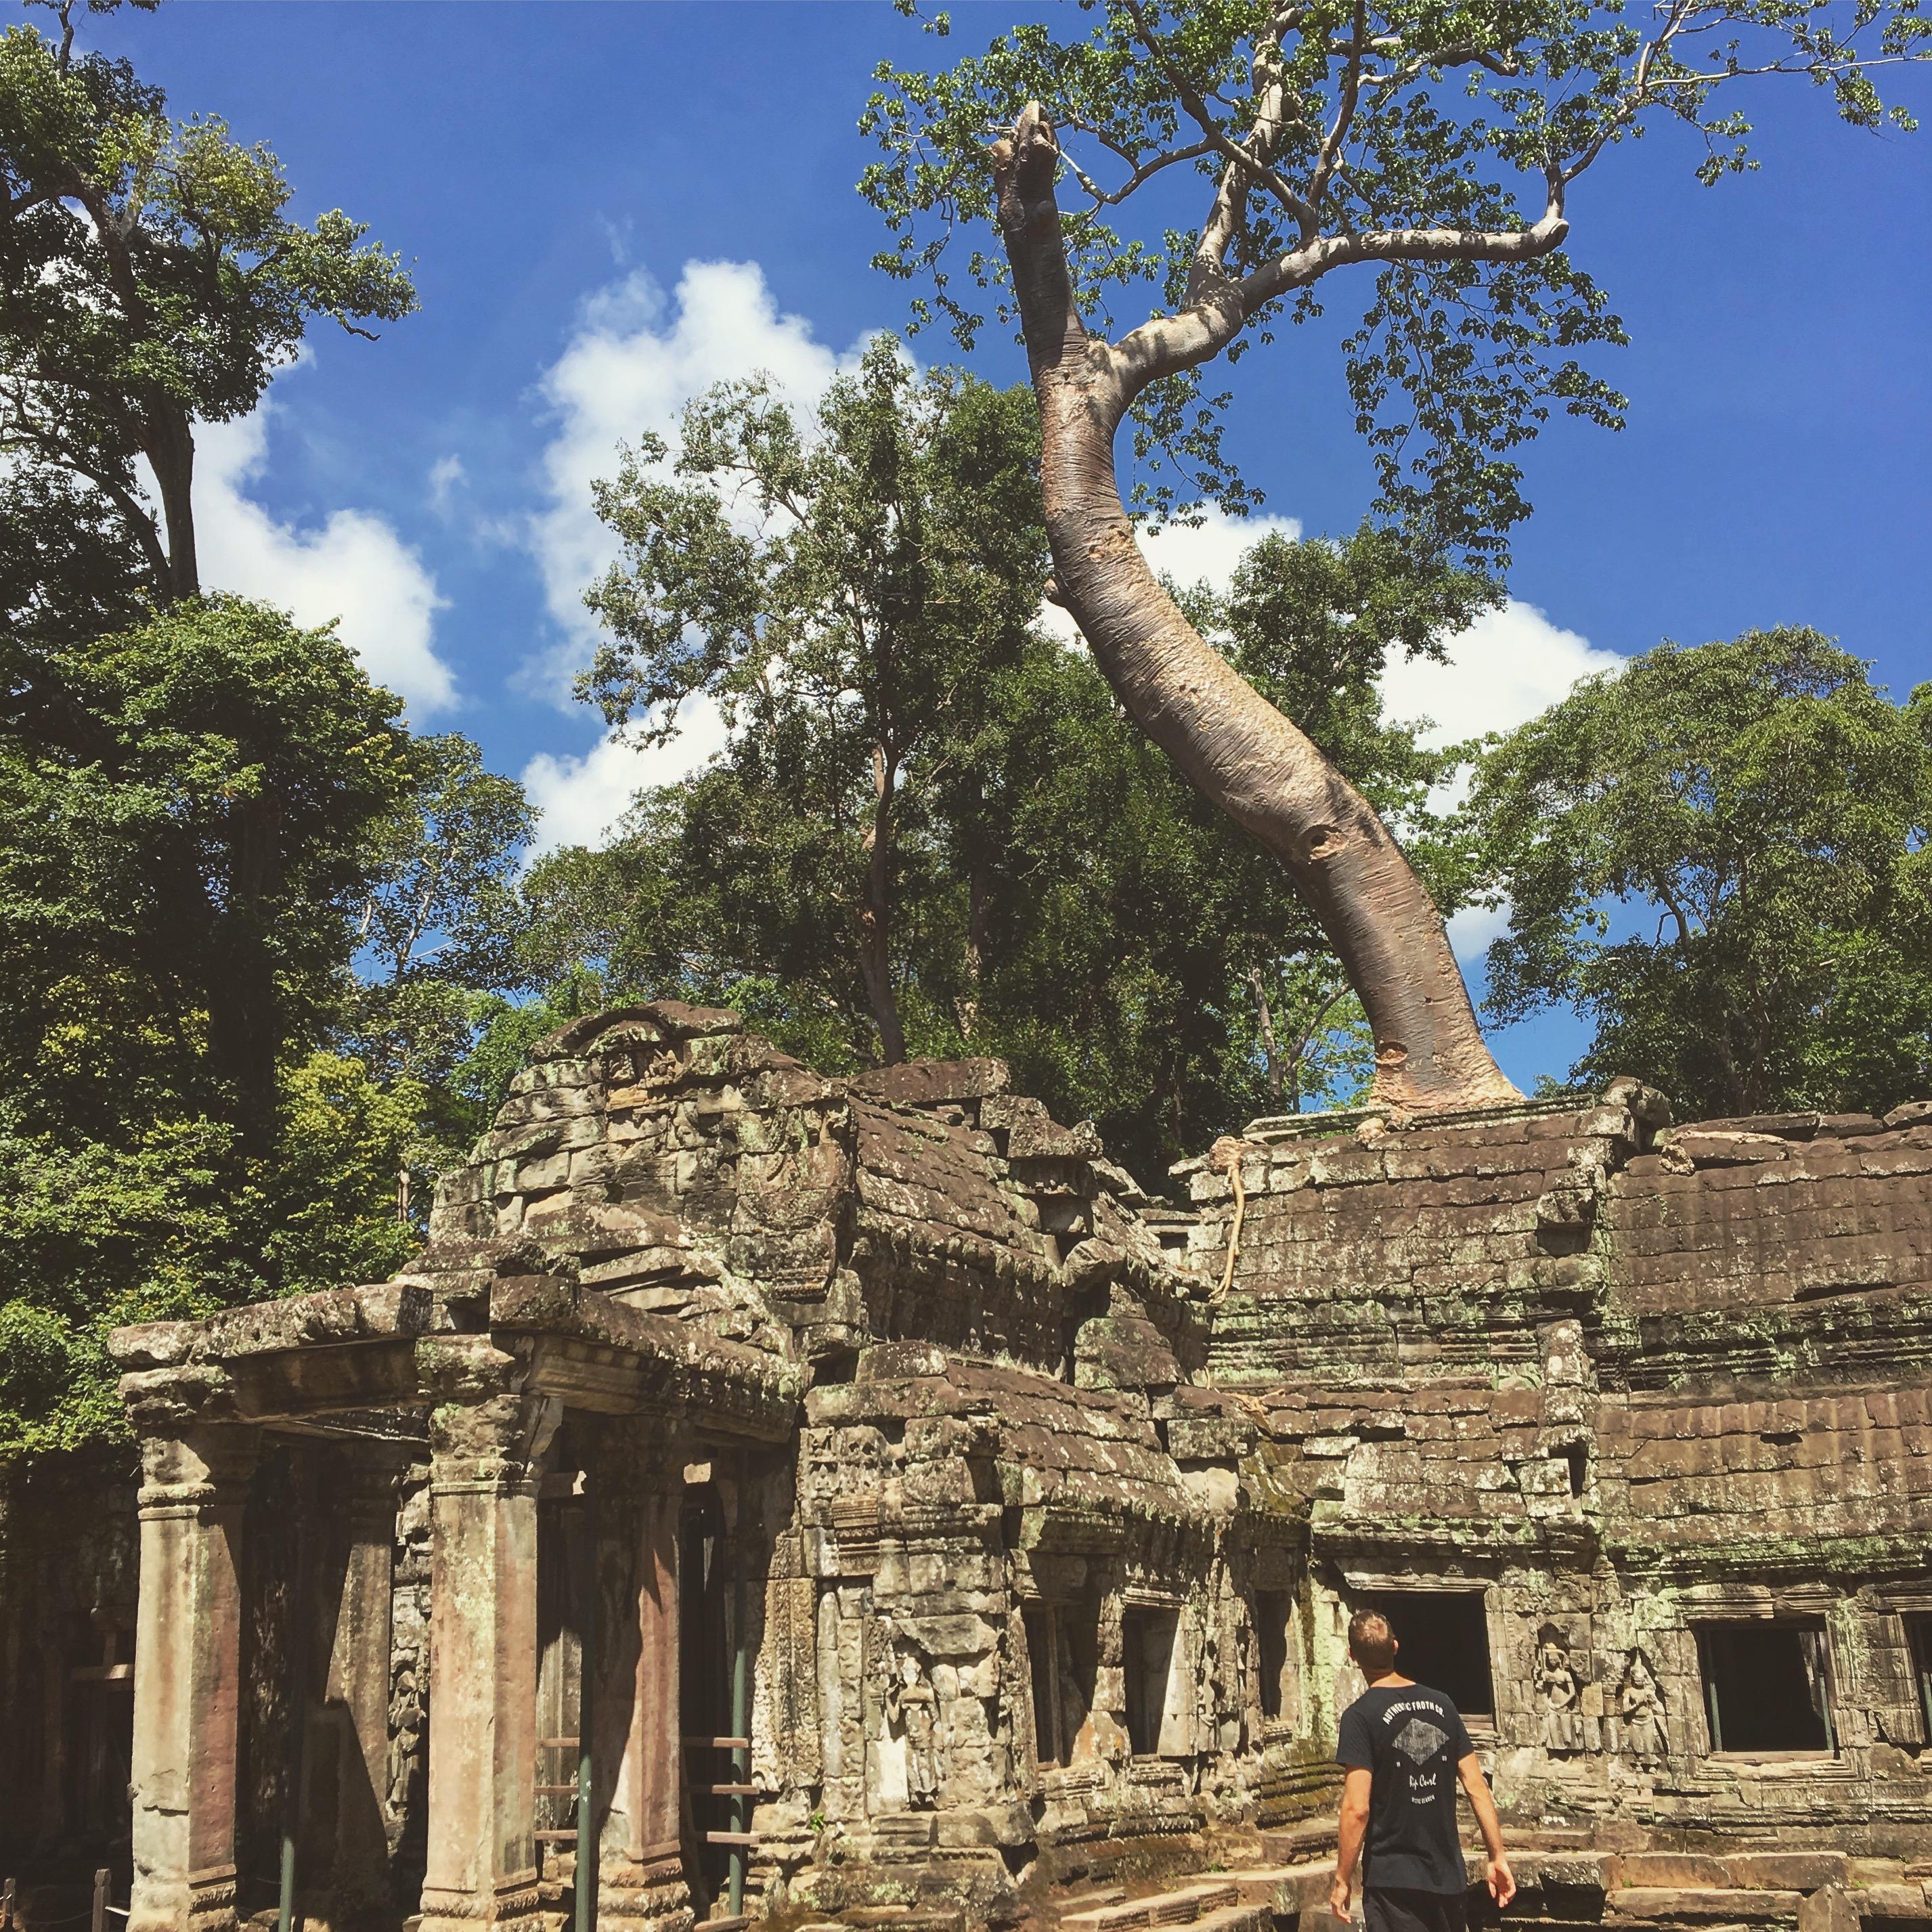 lara croft temples, angkor wat laura croft, angkor wat history